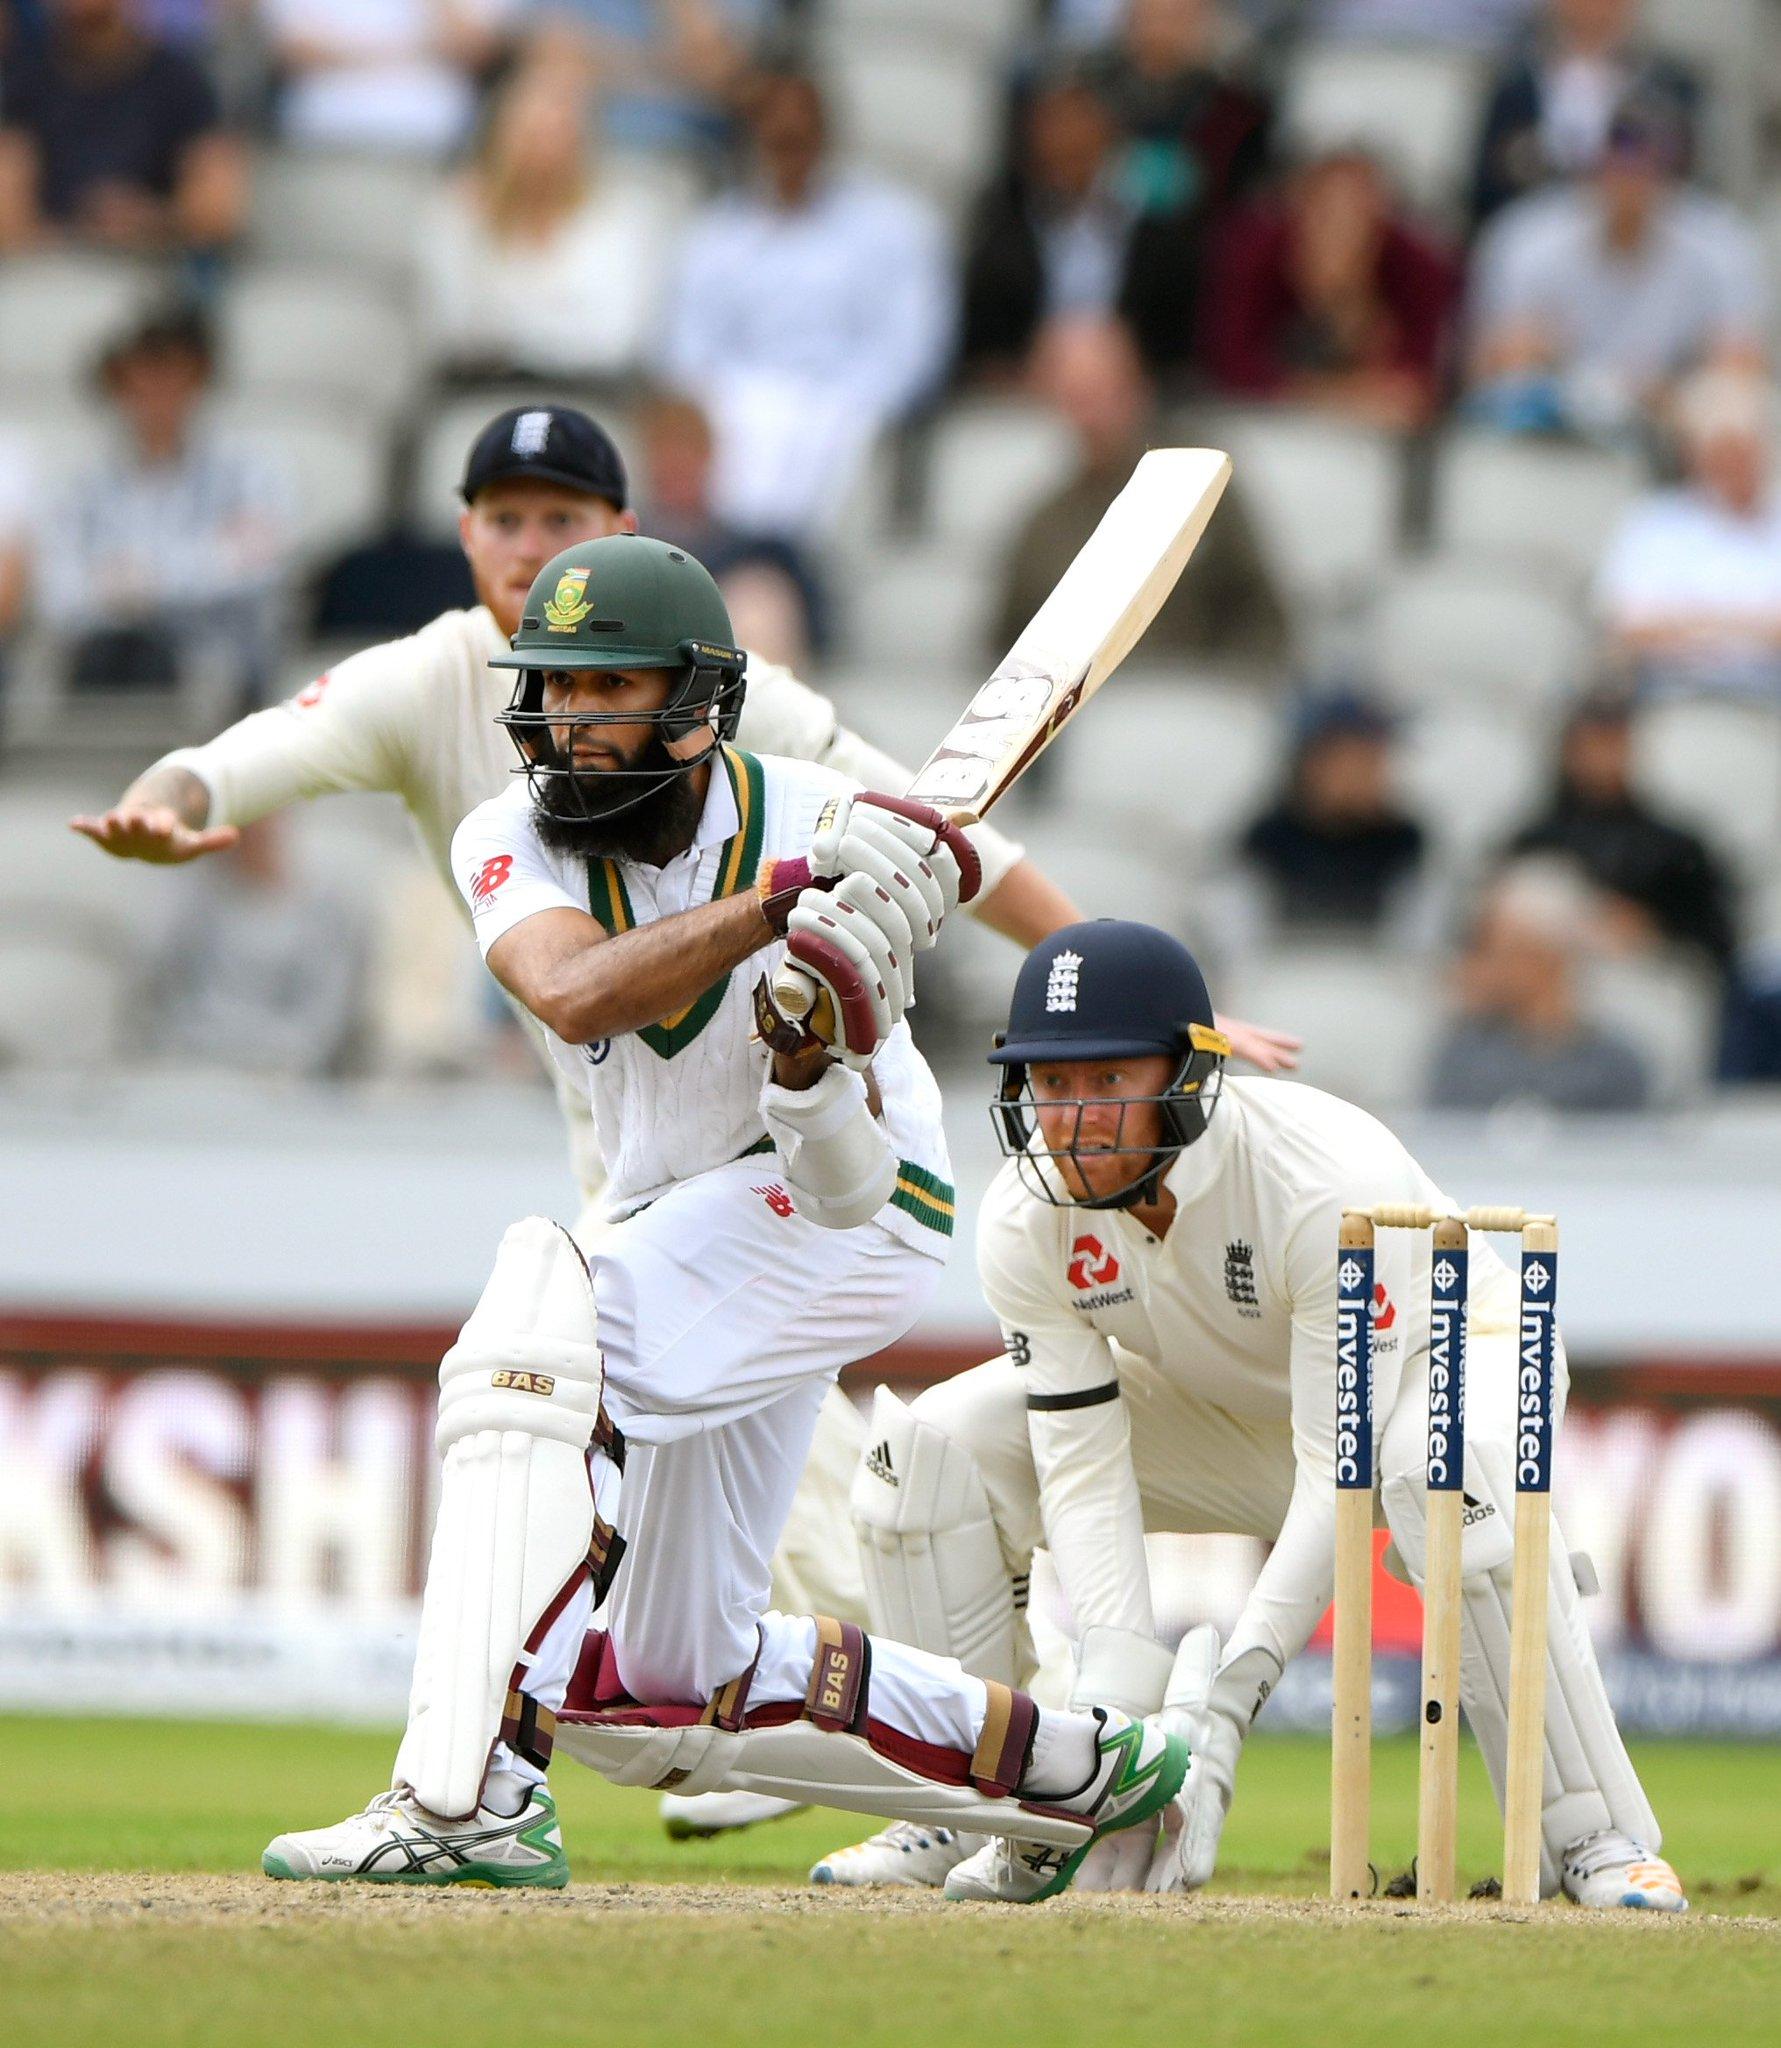 Cricket - Magazine cover